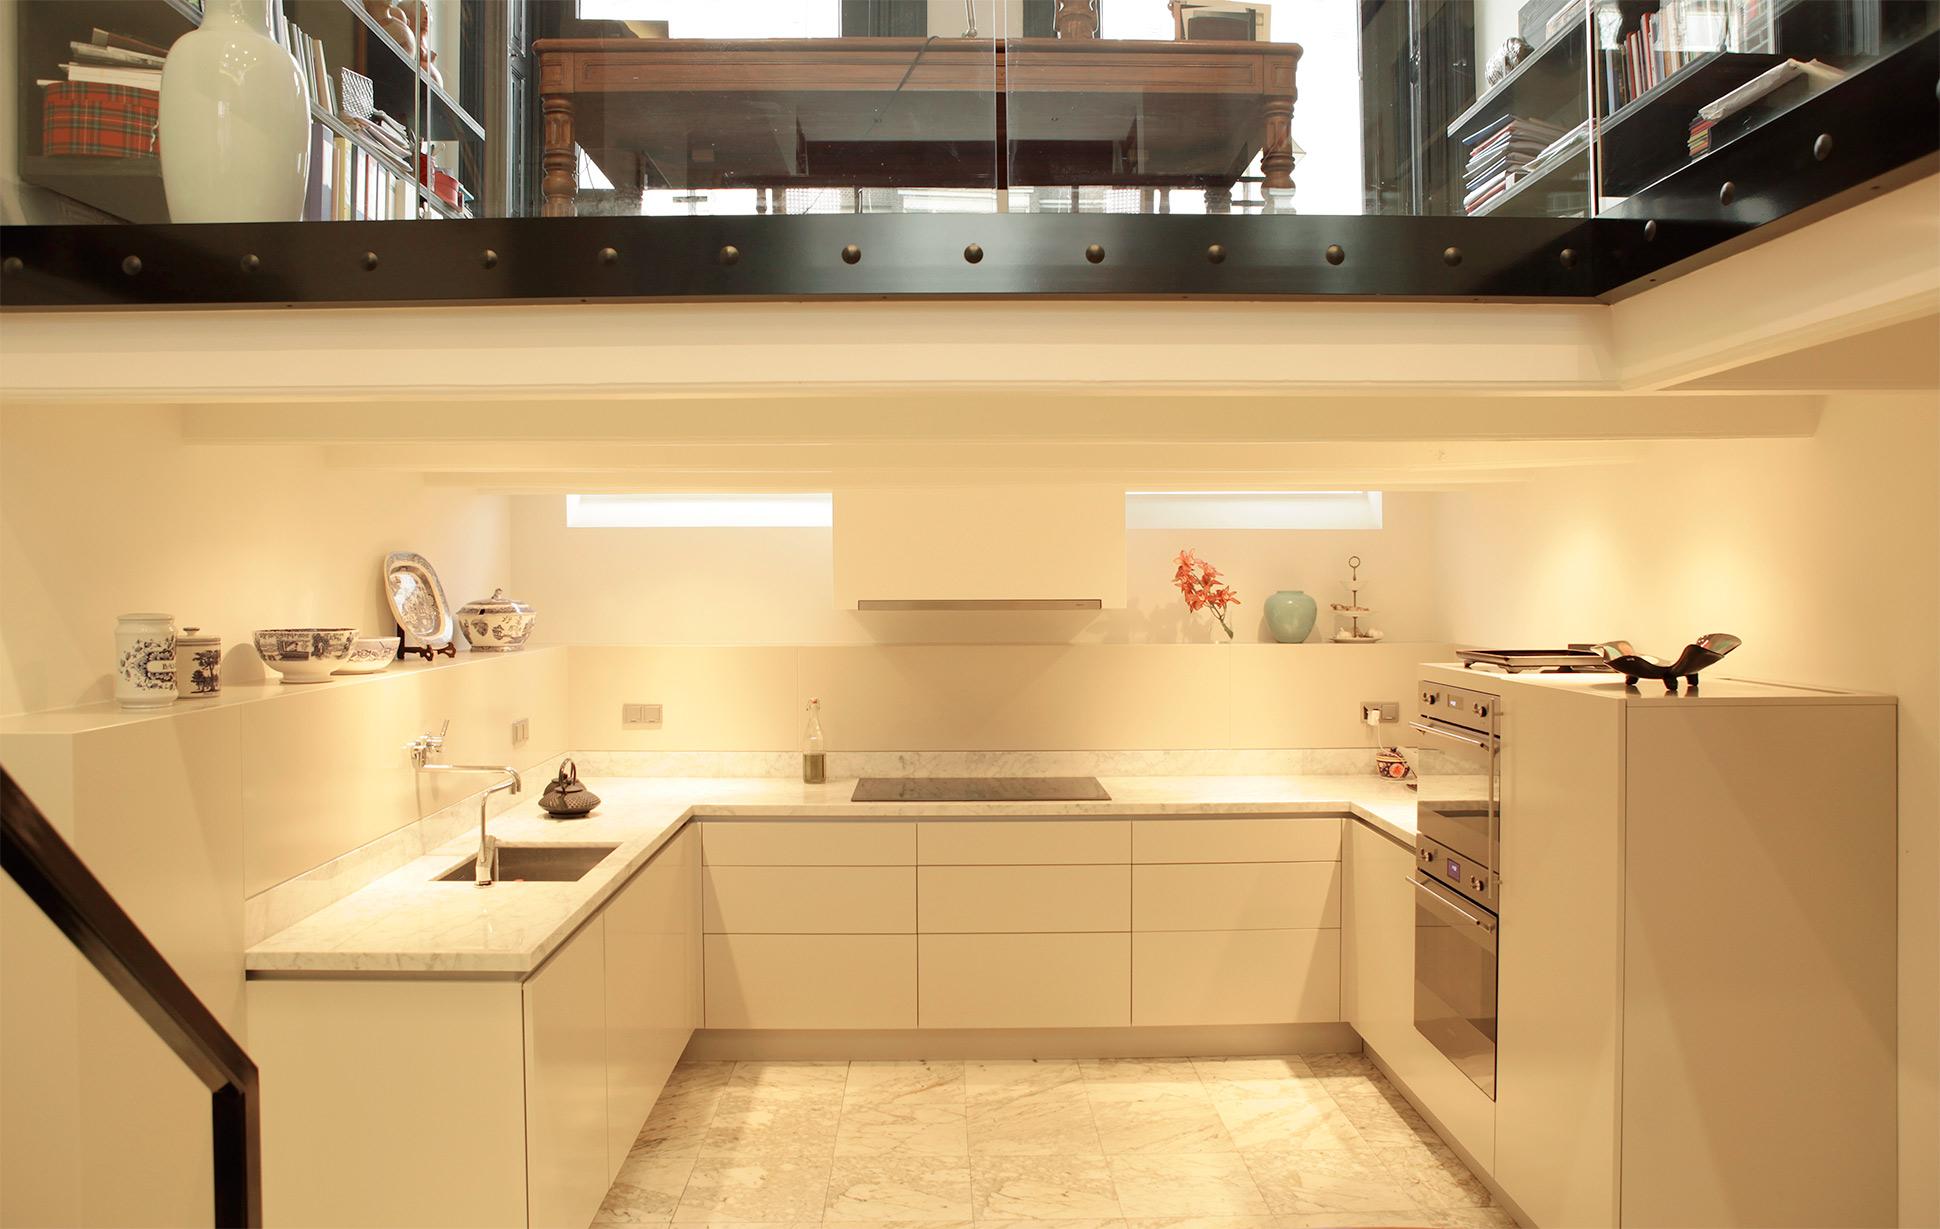 Multi Keukens Maassluis : Keukens m u l t i p l x